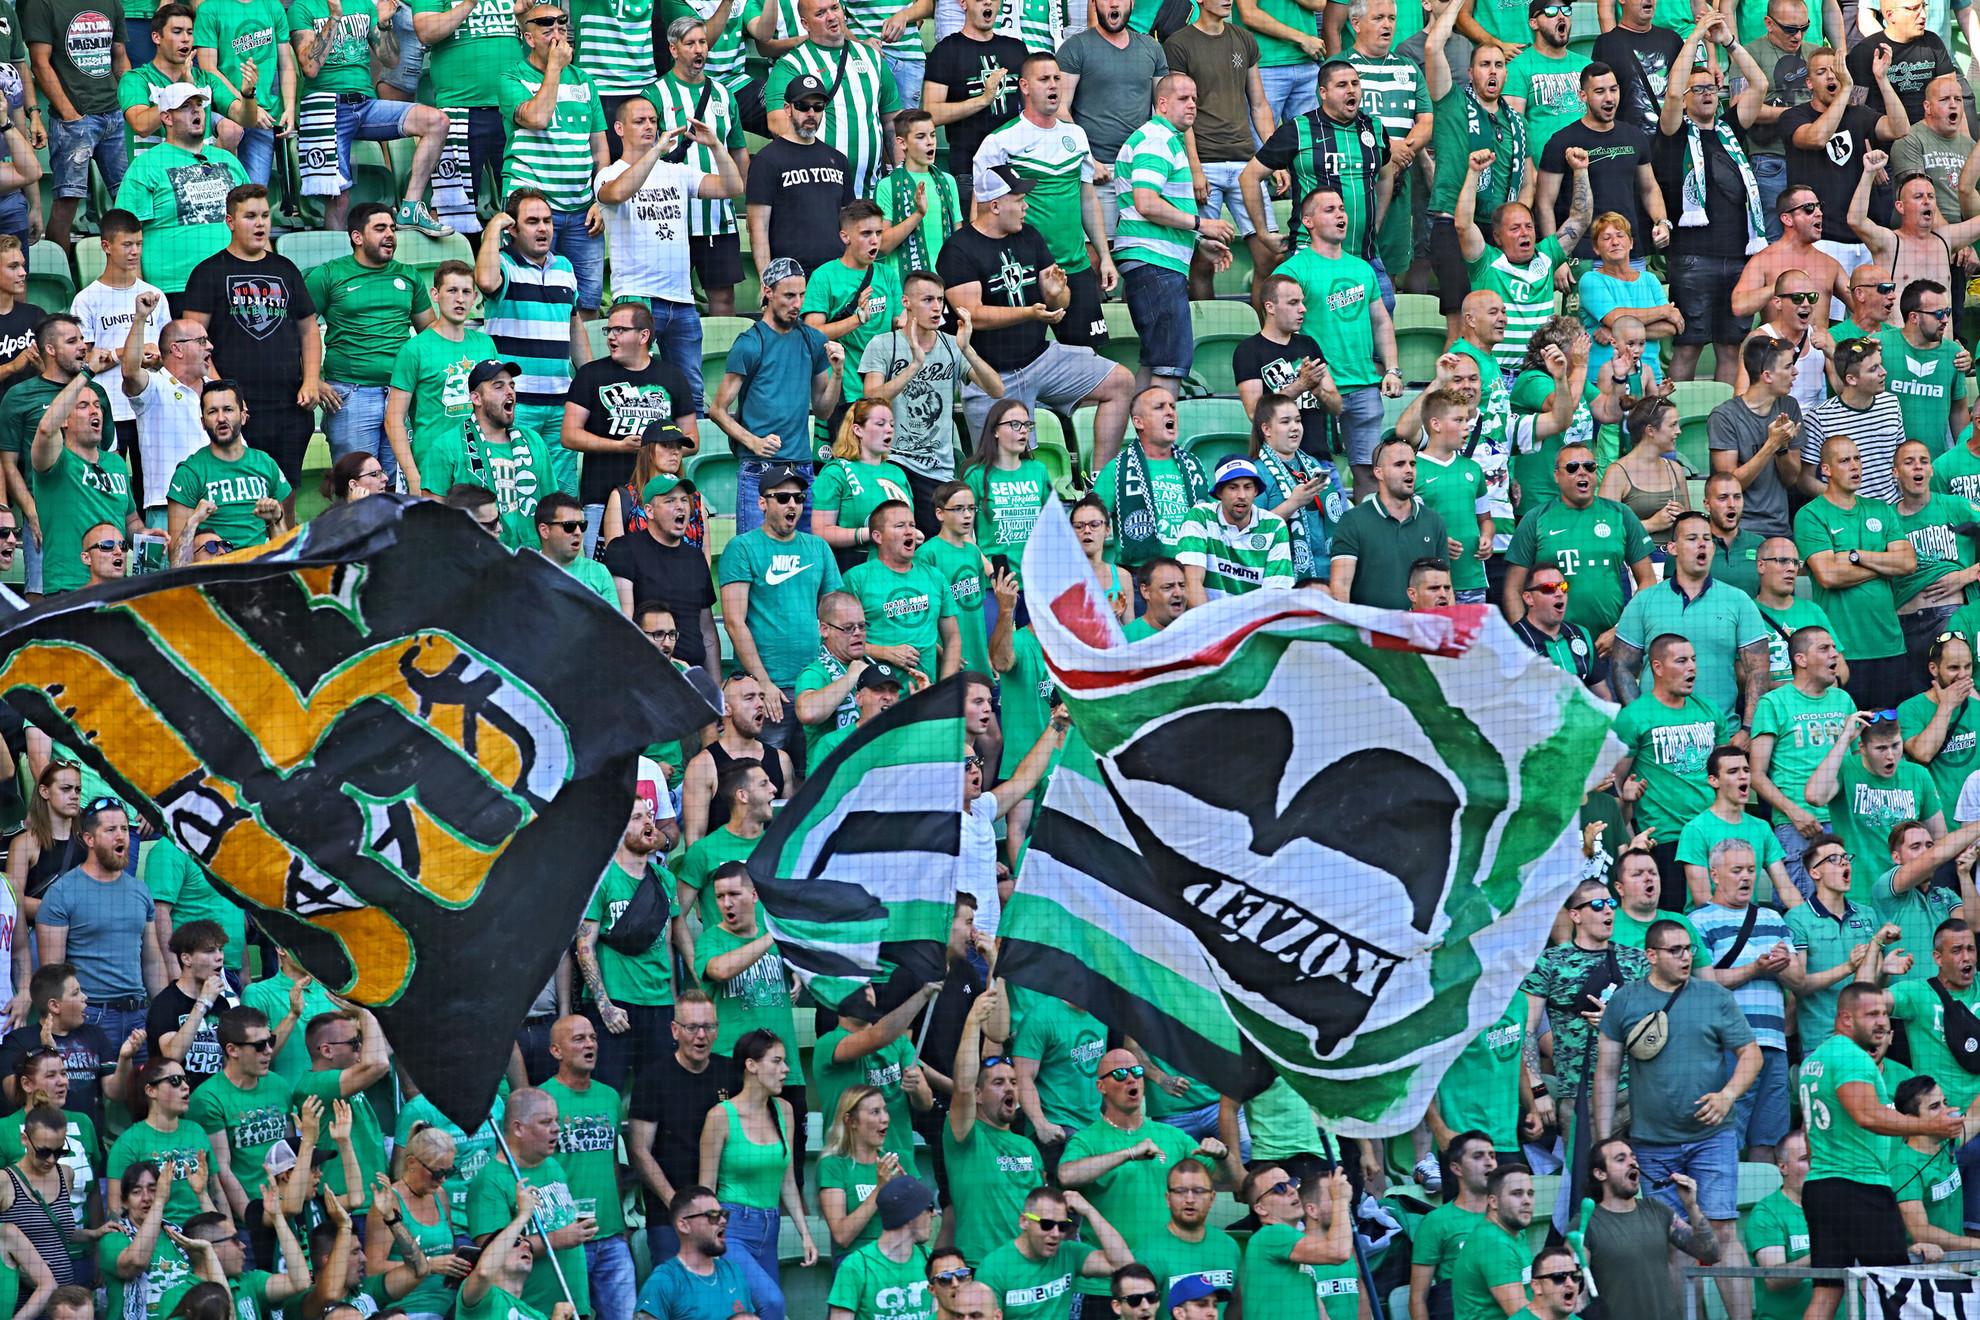 Magabiztos előnnyel várhatja a jövő keddi visszavágót a Ferencváros